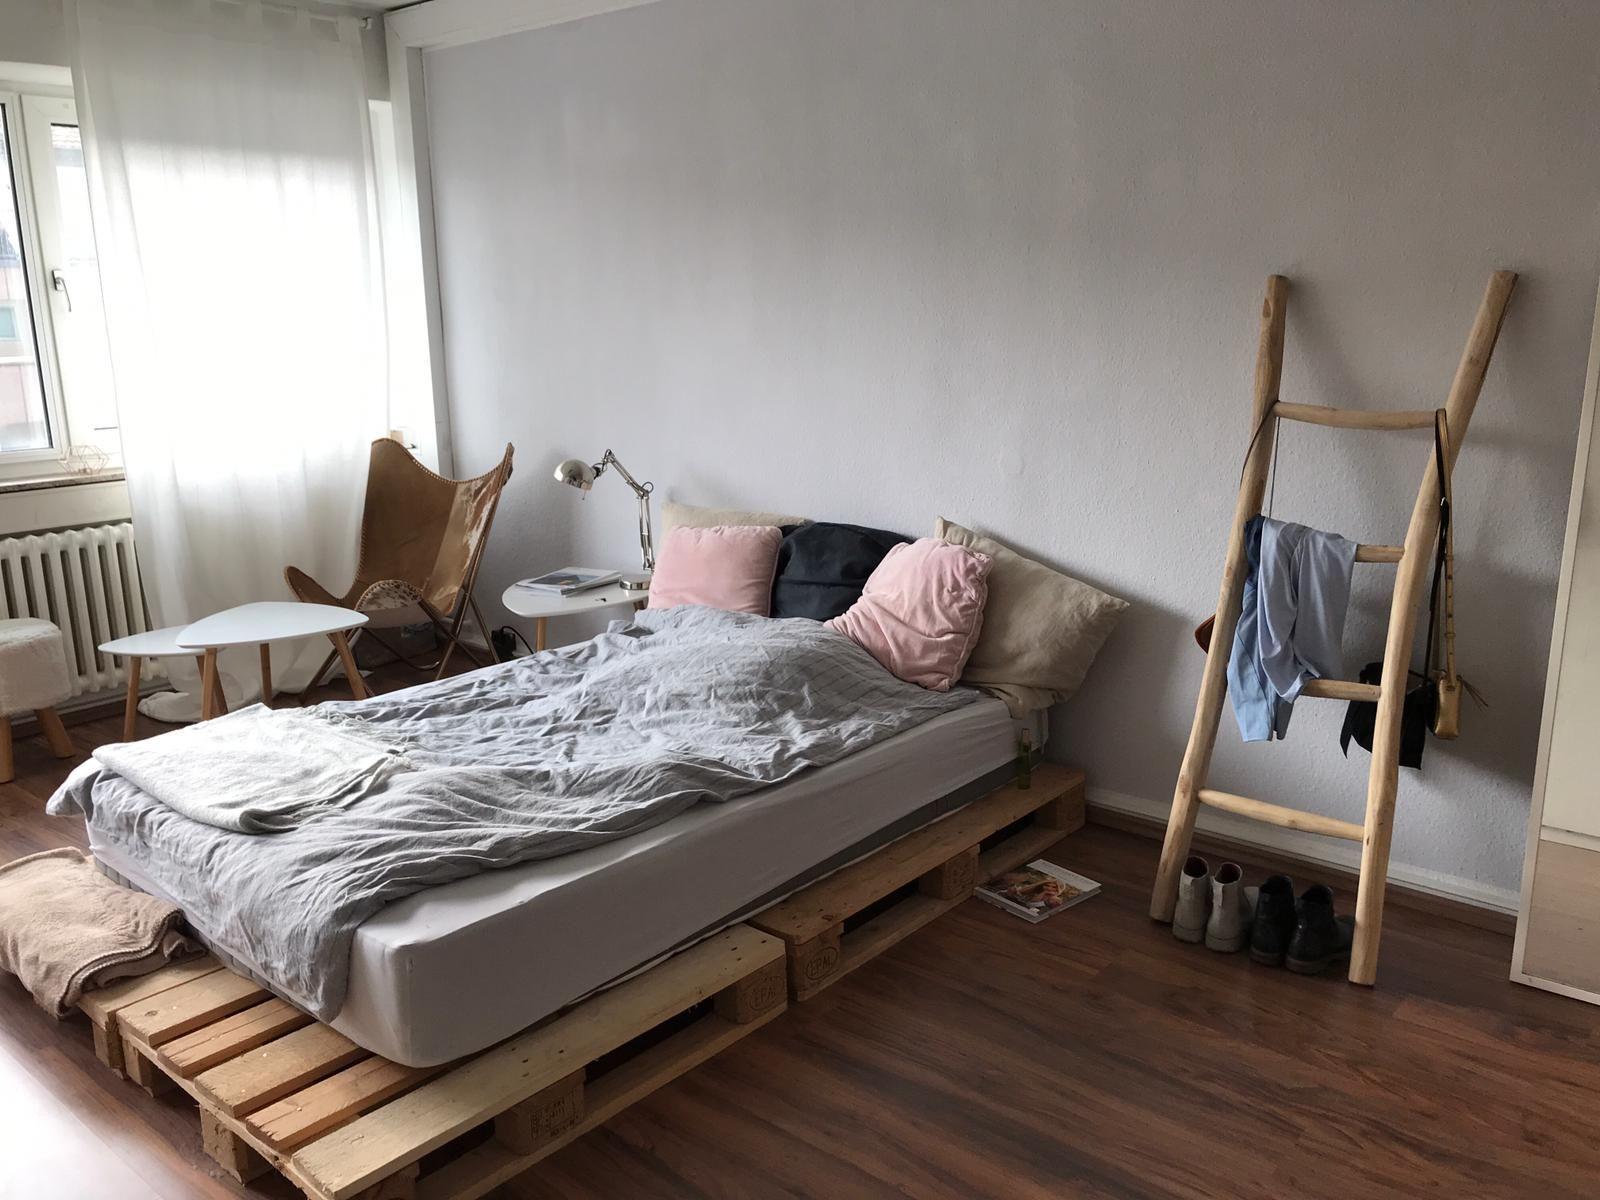 Die Einfachste Form Des Palettenbettes Einfach Zwei Paletten Eine Matratze Und Fertig Palettenbett Bett Wgzimmer Palettenbett Europaletten Bett Bett